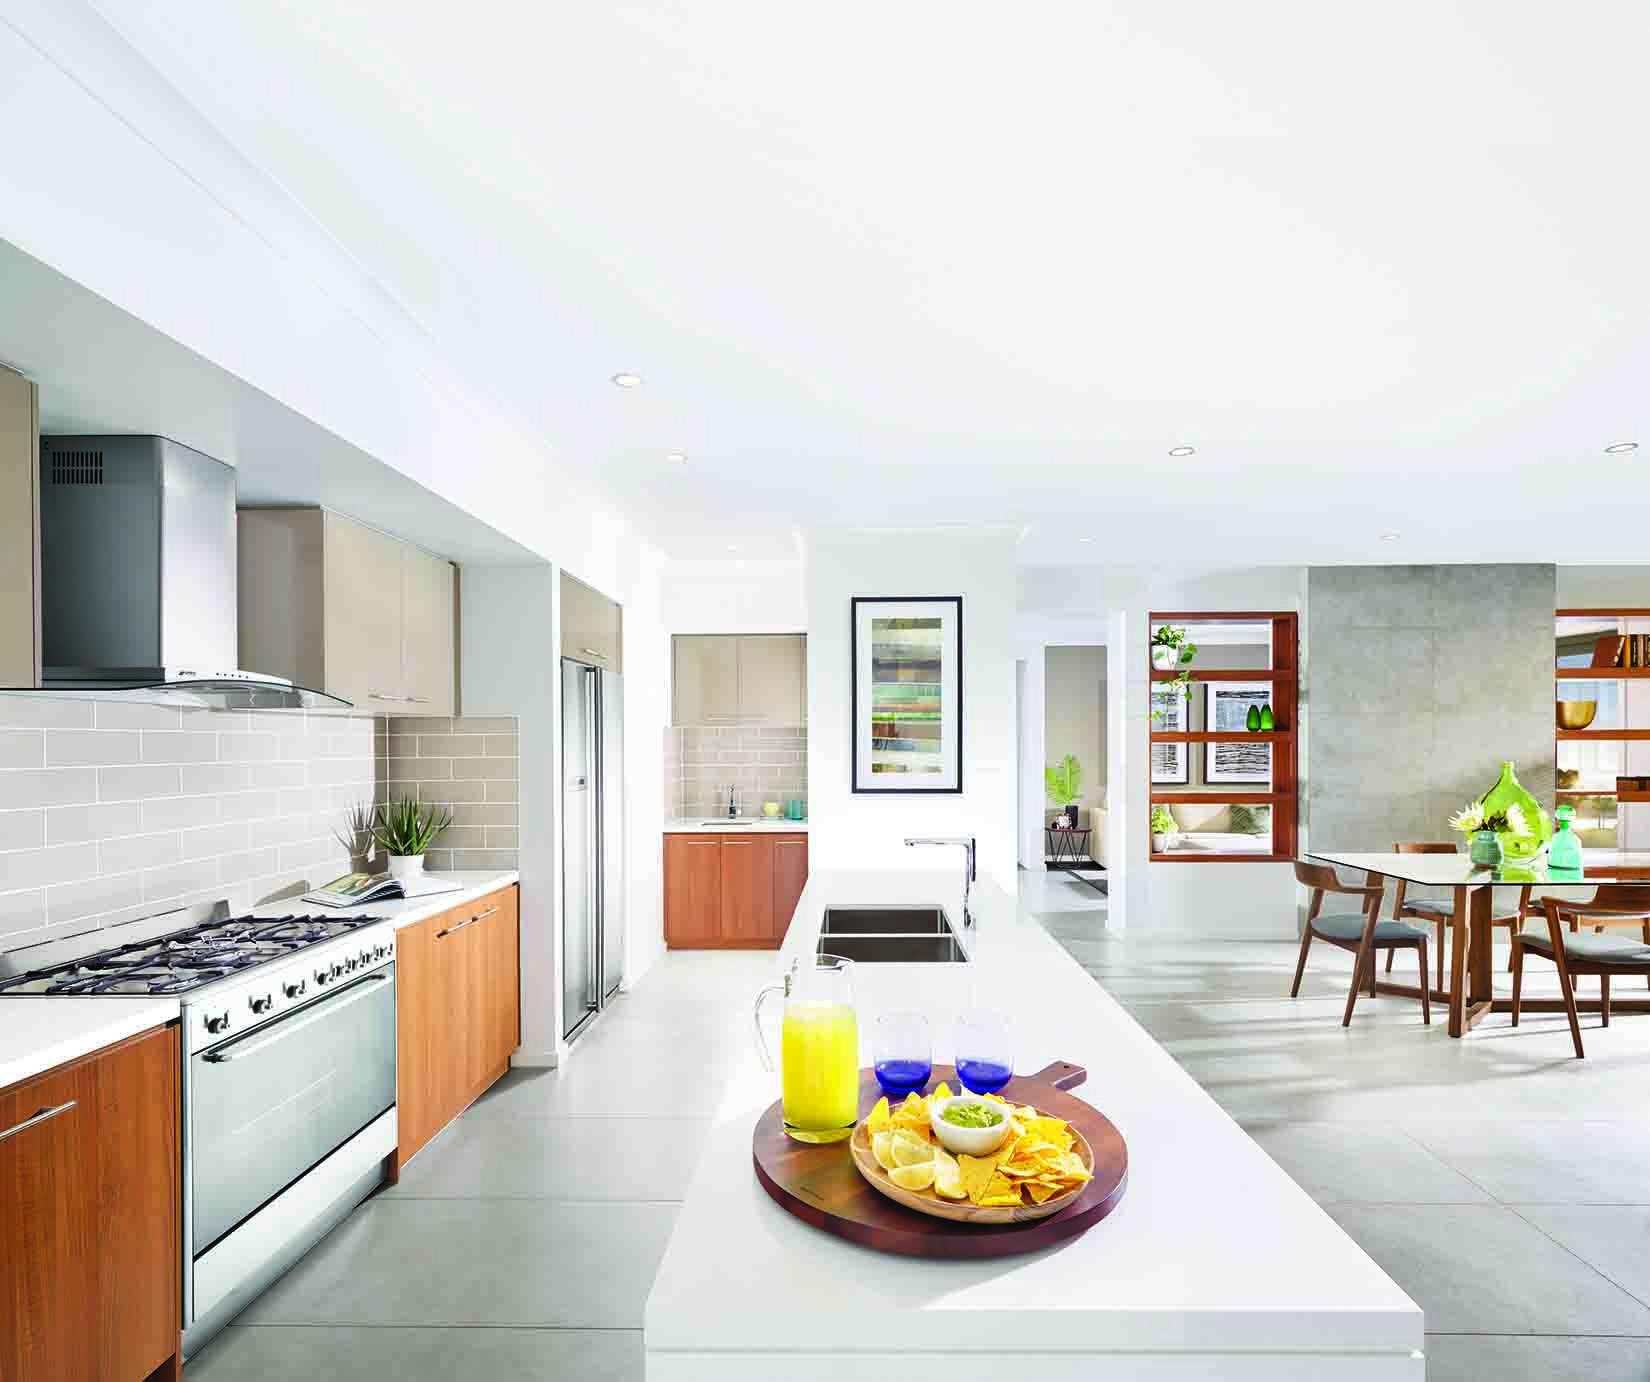 Killara 28 || Clarendon Homes Kitchens | Kitchens | Pinterest ...